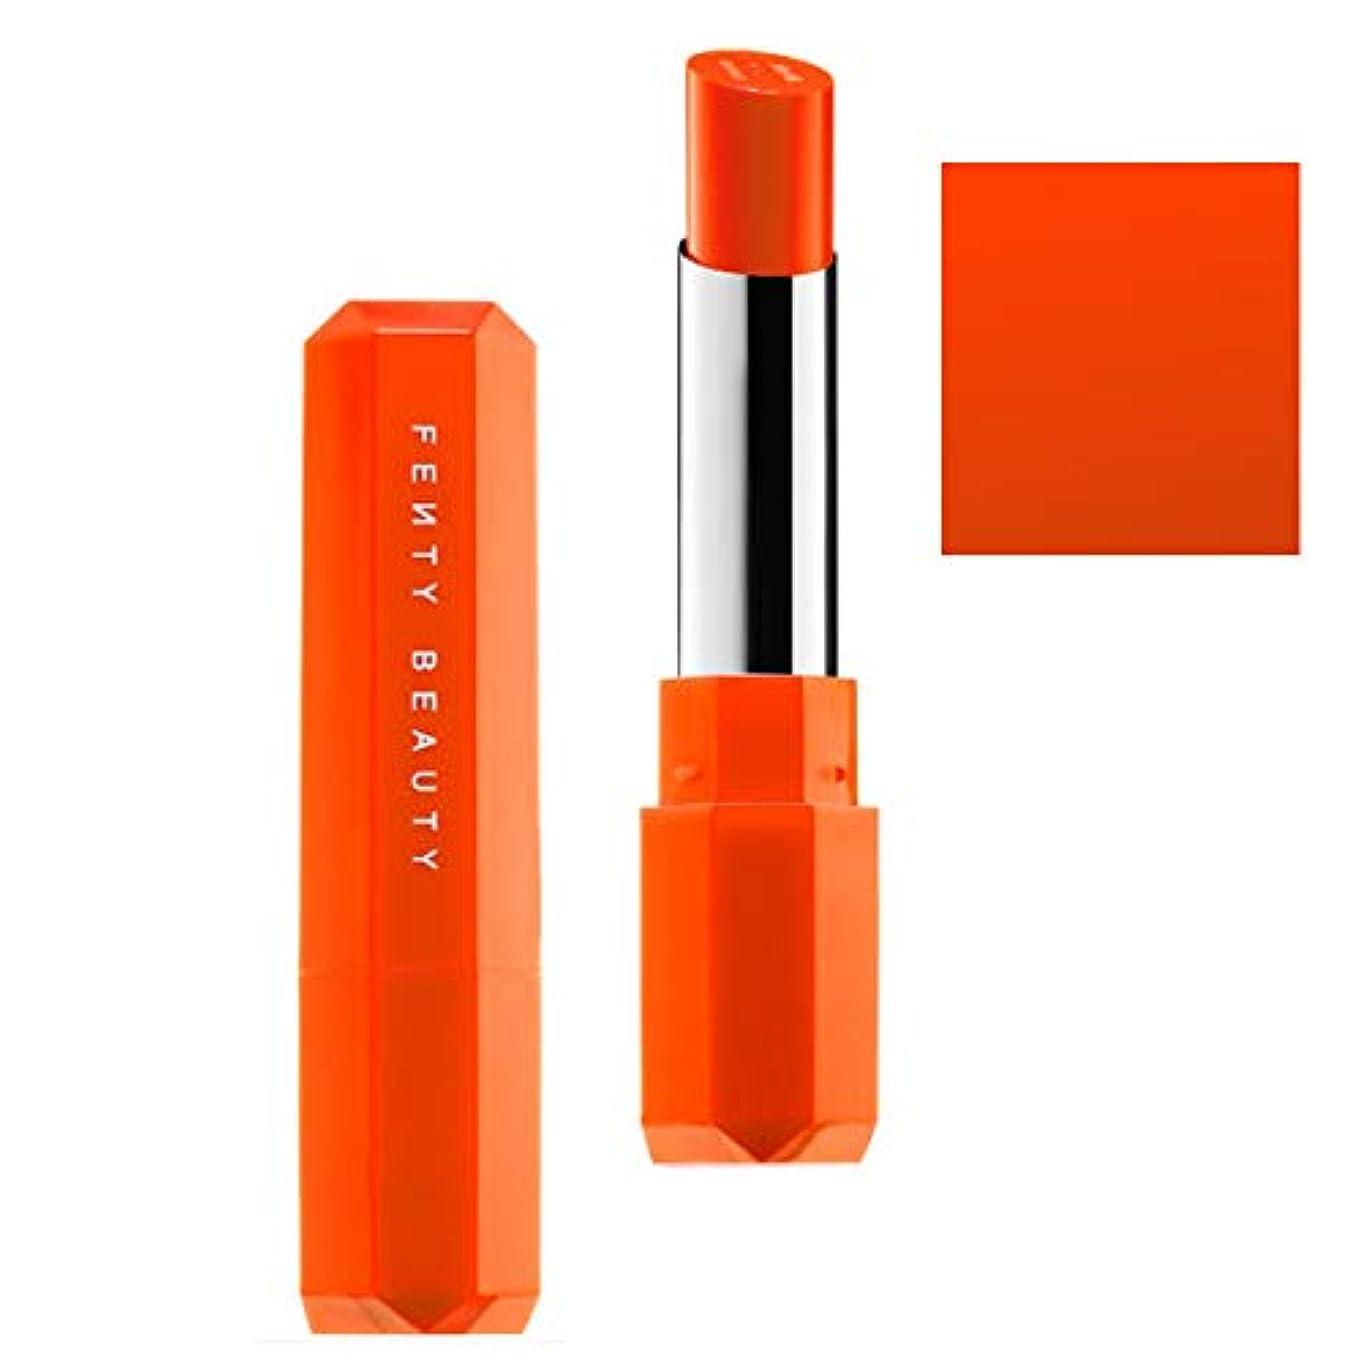 叙情的な葉巻ガロンFENTY BEAUTY BY RIHANNA,New!!, 限定版 limited-edition, Poutsicle Juicy Satin Lipstick - Sun Snatched [海外直送品] [並行輸入品]